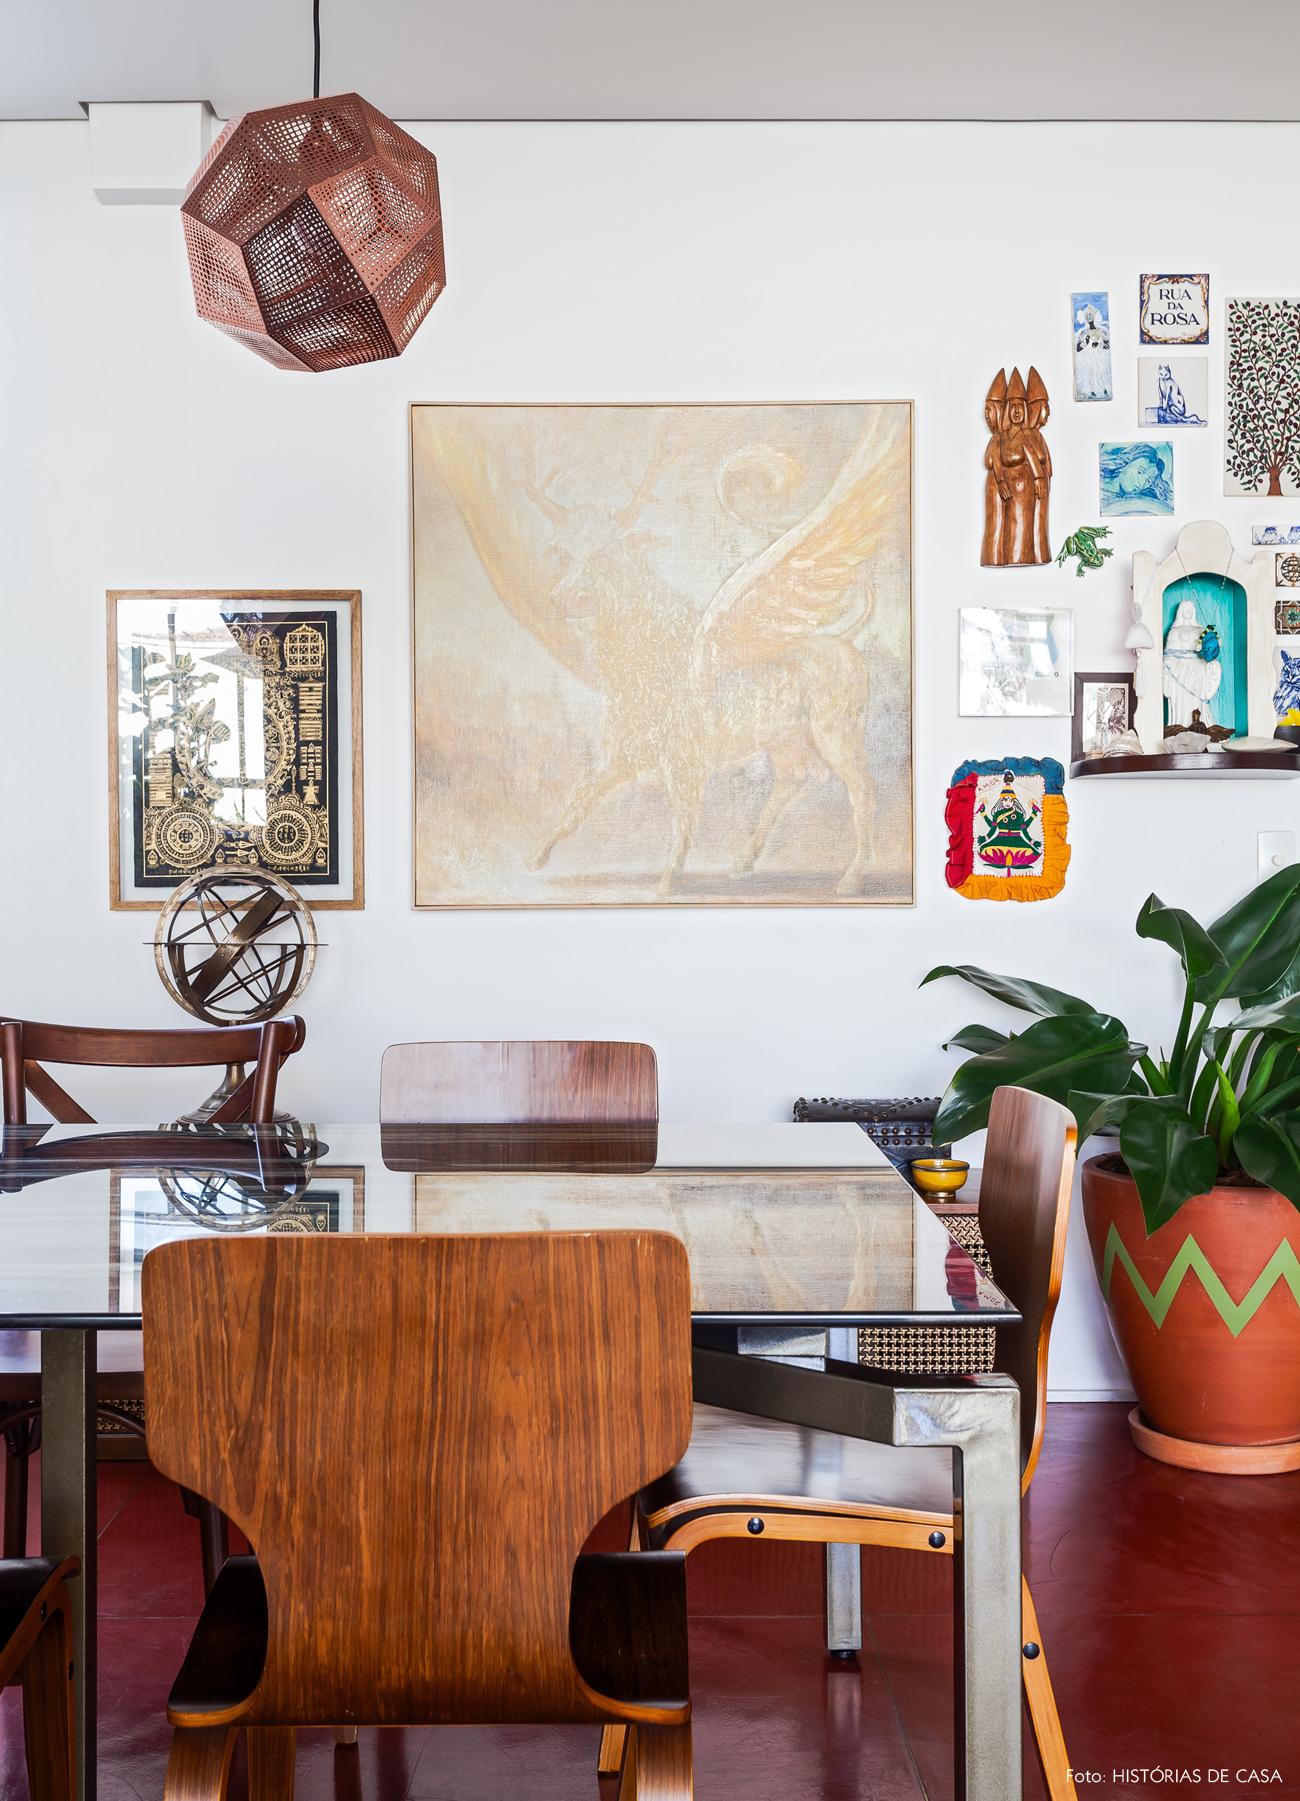 19-decoracao-apartamento-sala-de-jantar-parede-de-quadros